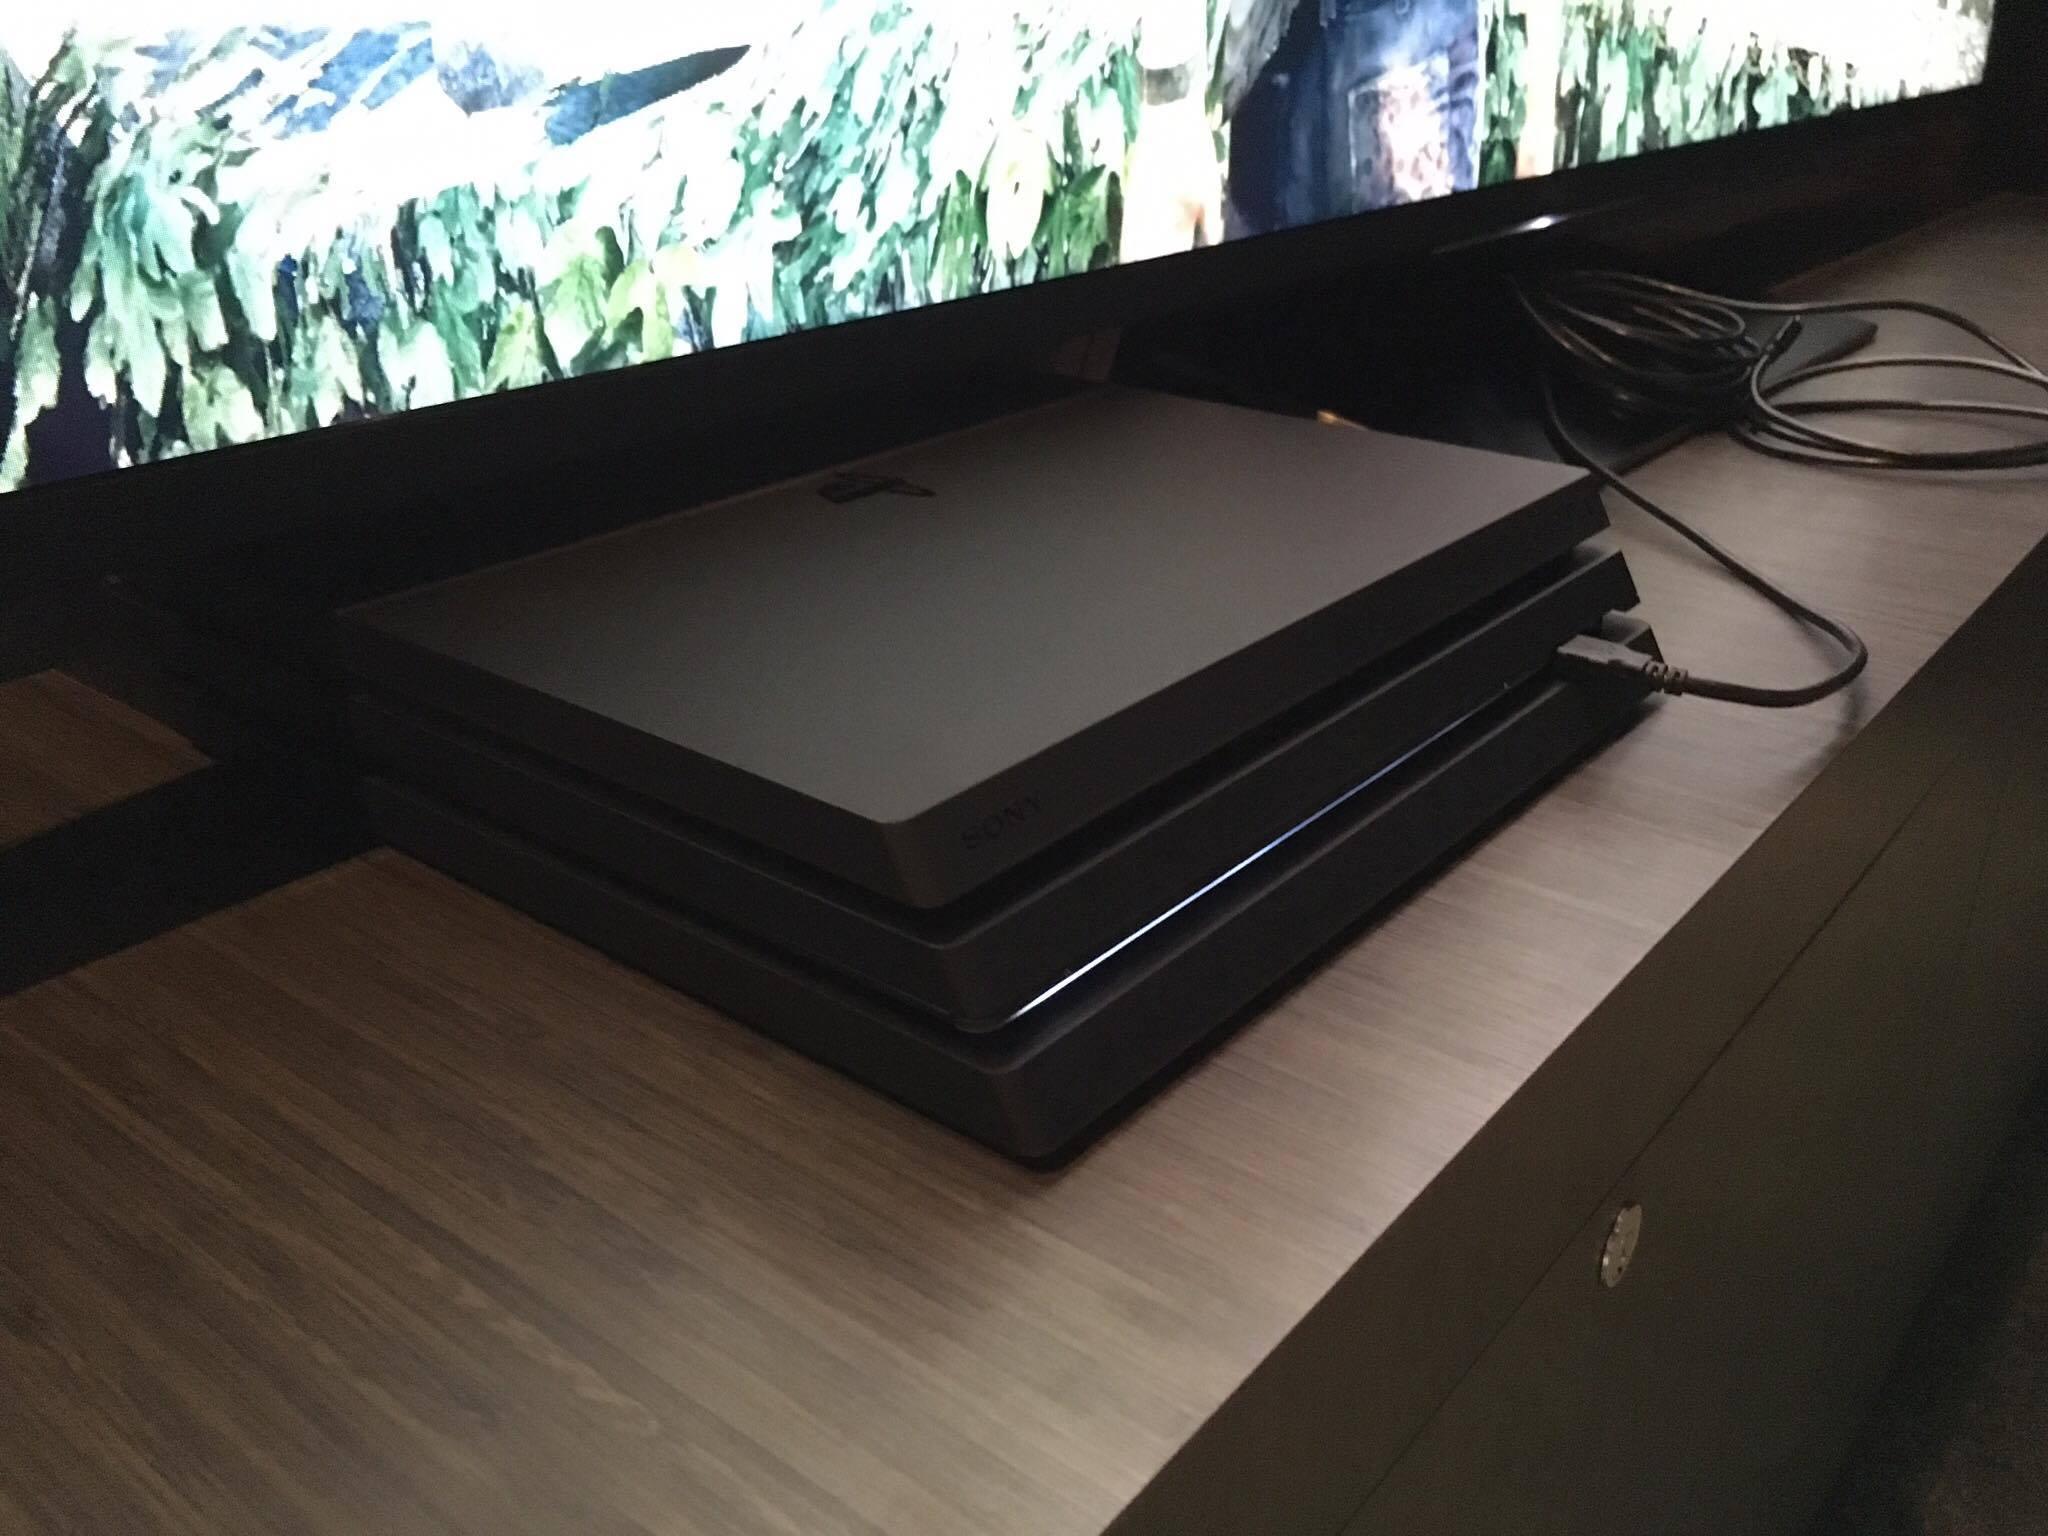 Jesteśmy w Nowym Jorku i oglądamy PlayStation 4 Pro i 4 Slim. Tak wyglądają nowe konsole Sony